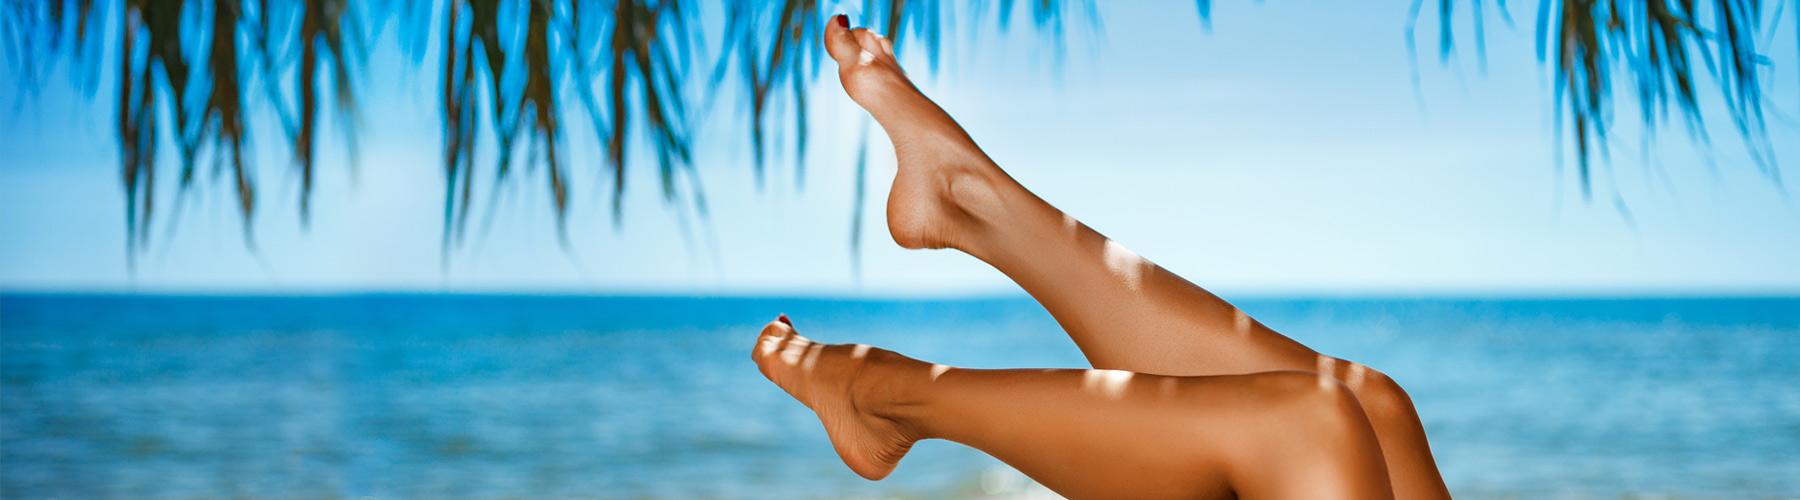 trattamento per gambe gonfie e pesanti